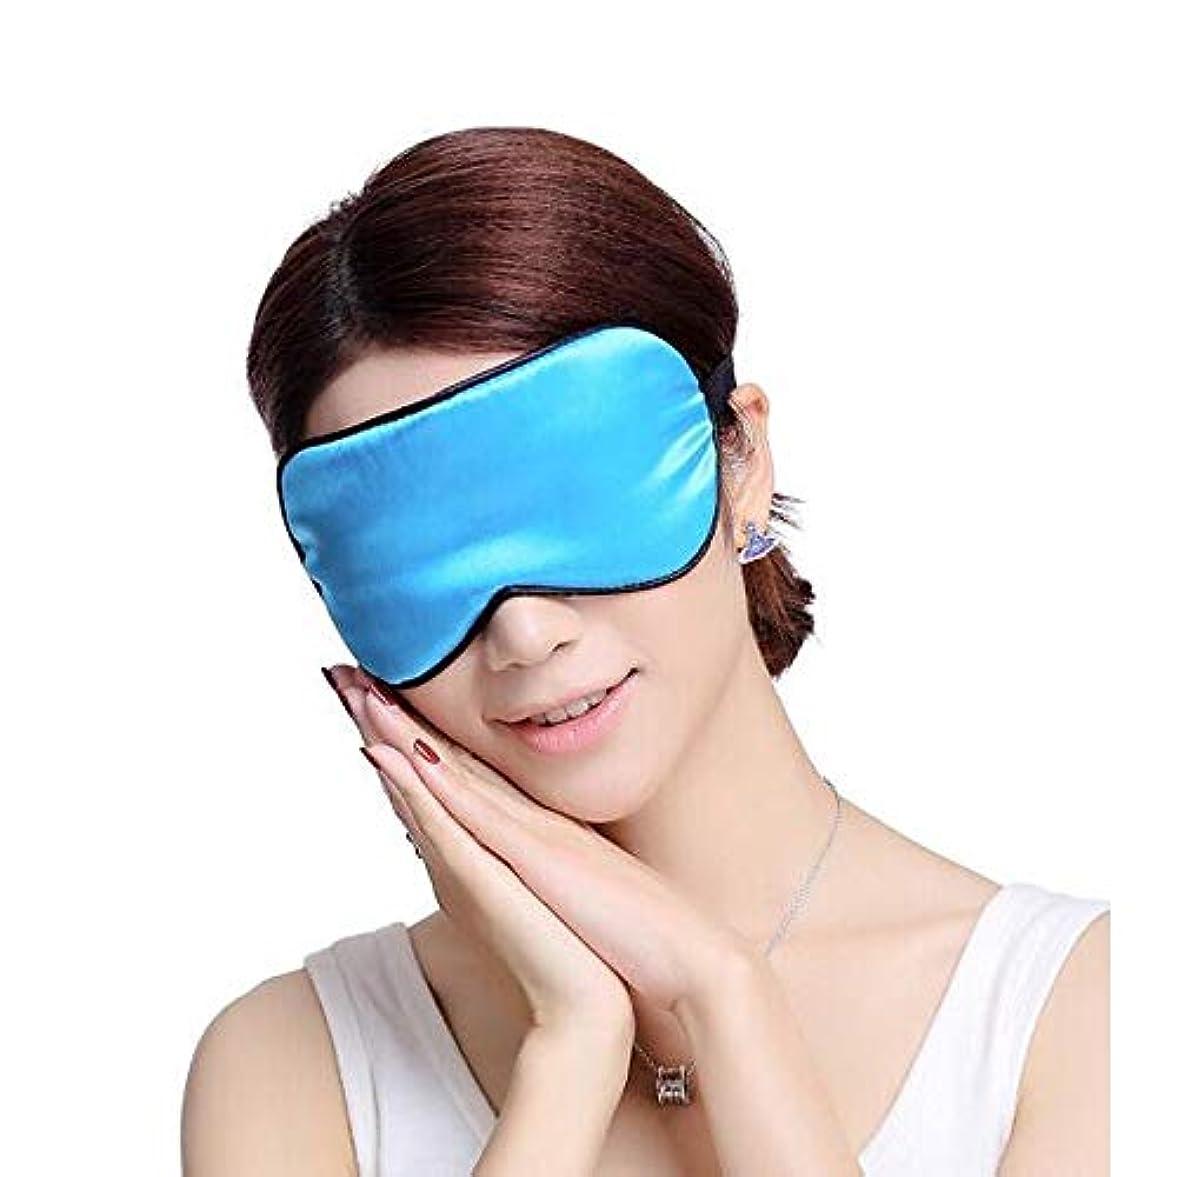 特異性カジュアルエーカーHUICHEN ゴーグルの睡眠睡眠ゴーグル快適な停電シルク両面シルク、通気性ユニセックス調整可能な大きな目のゴーグルは、昼寝を旅行します (Color : Blue)